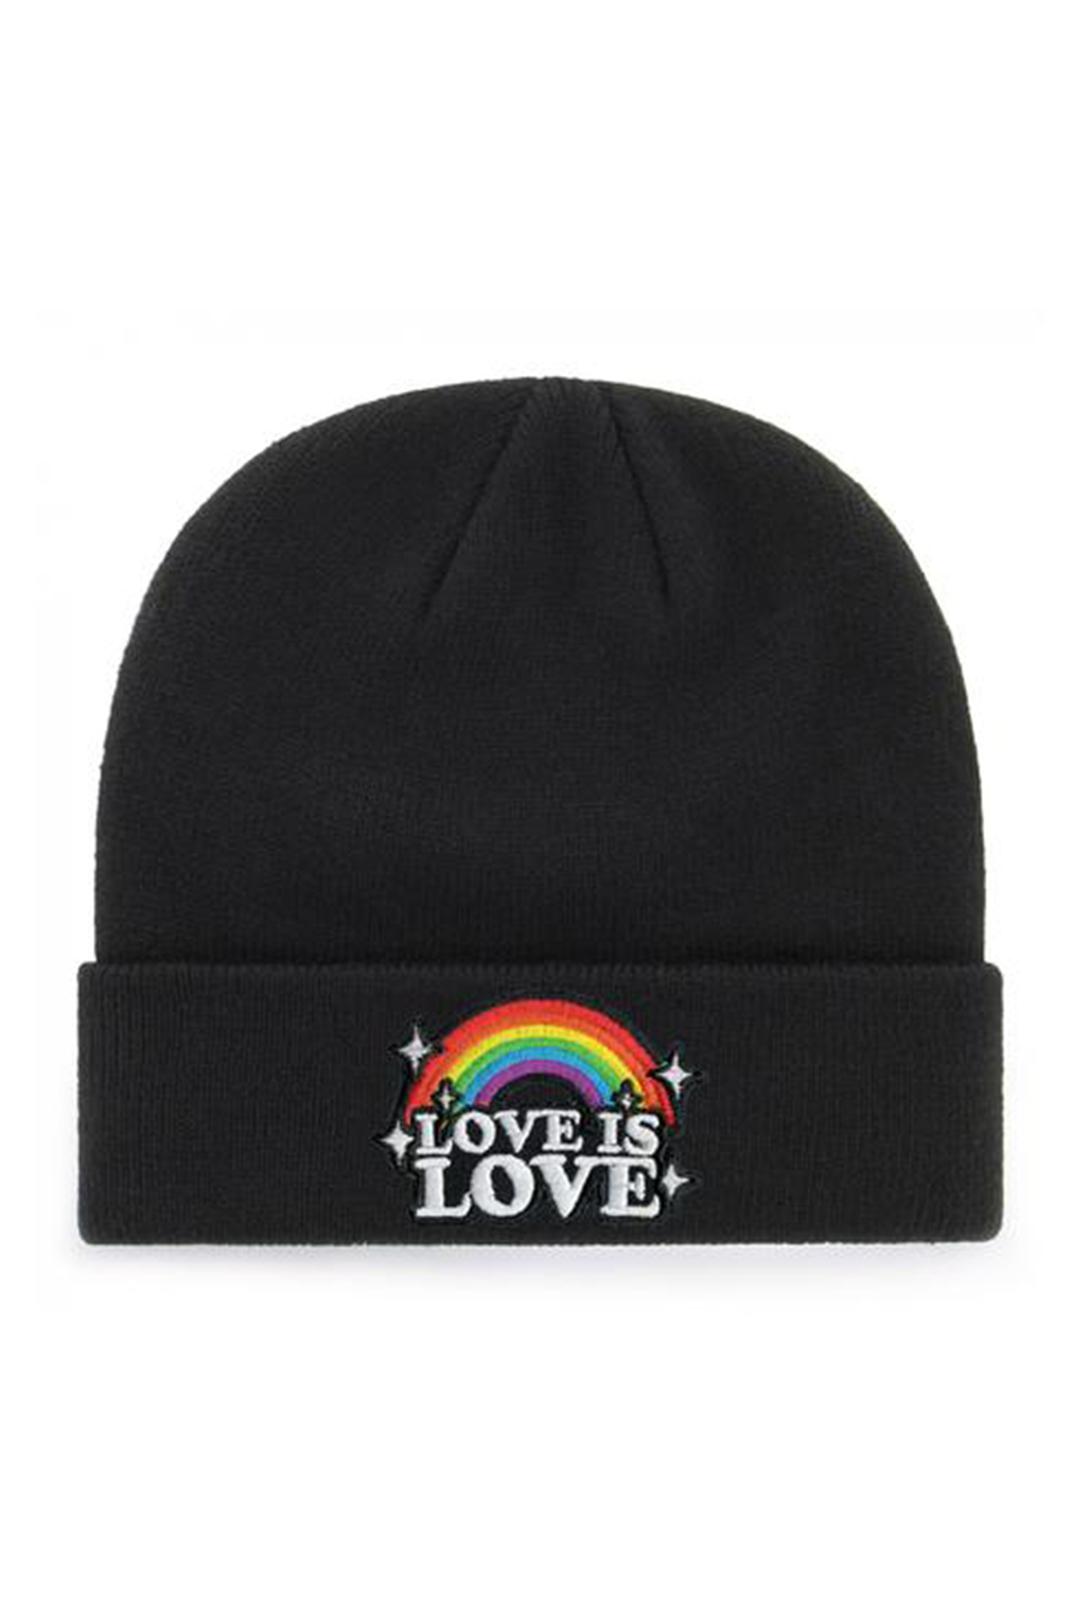 Love is love Beanie